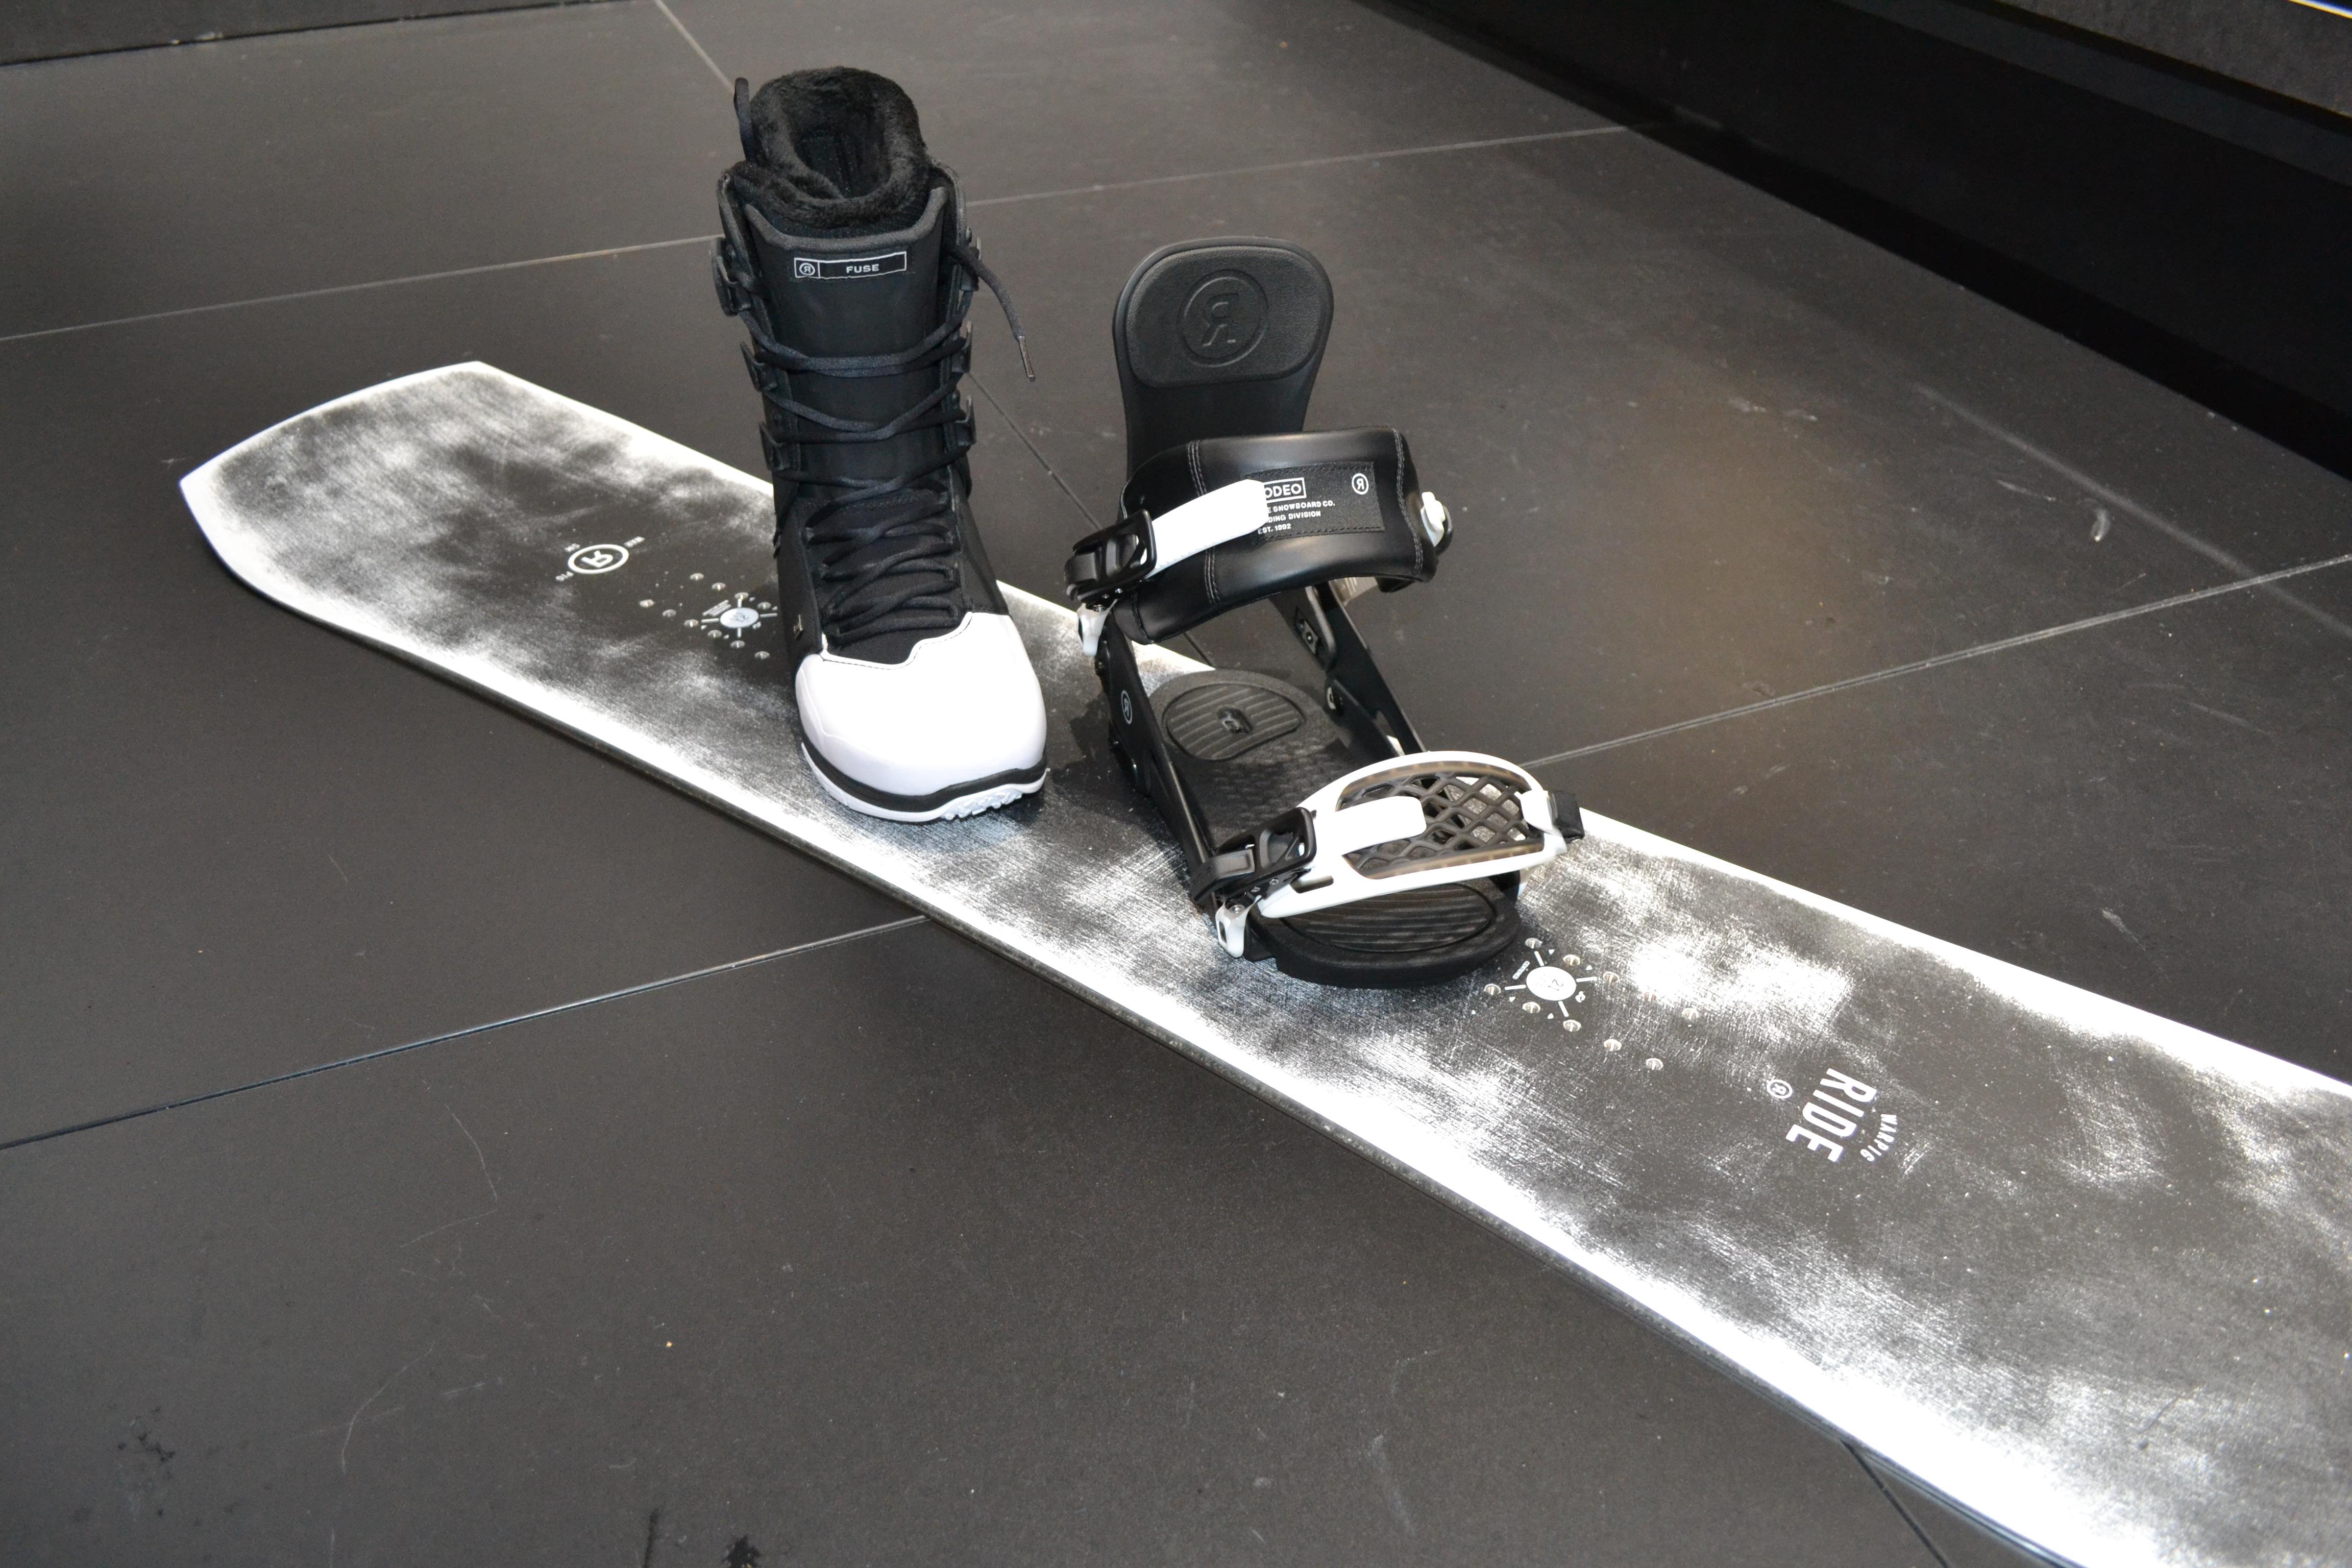 War Pig Snowboard, Rodeo Bindung und Fuse Boot 17/18